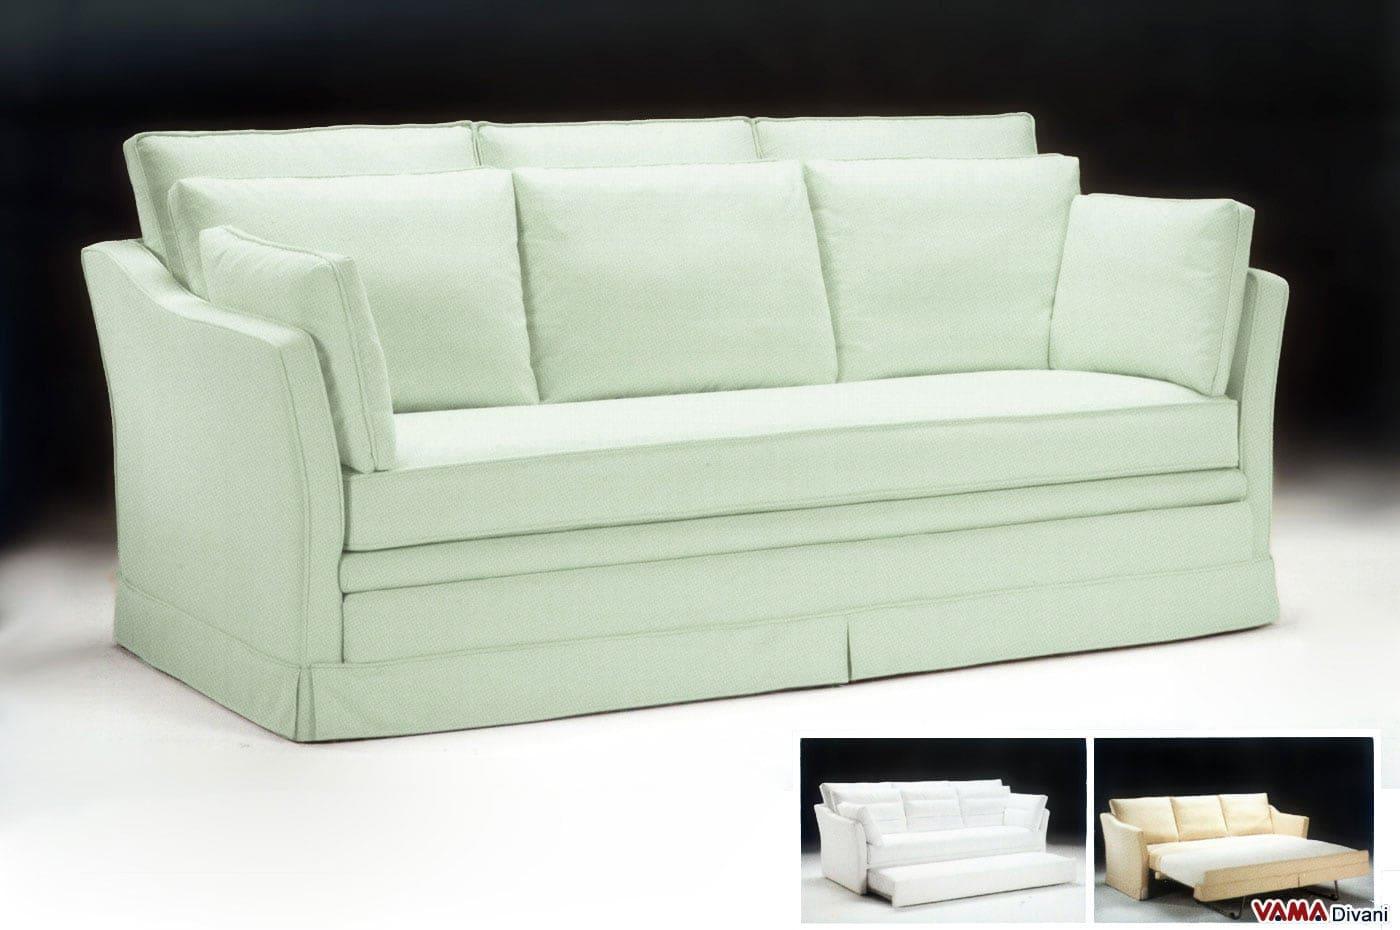 Divano Letto A Castello A Scomparsa : Divano letto gemellare divano letto matrimoniale usato roma